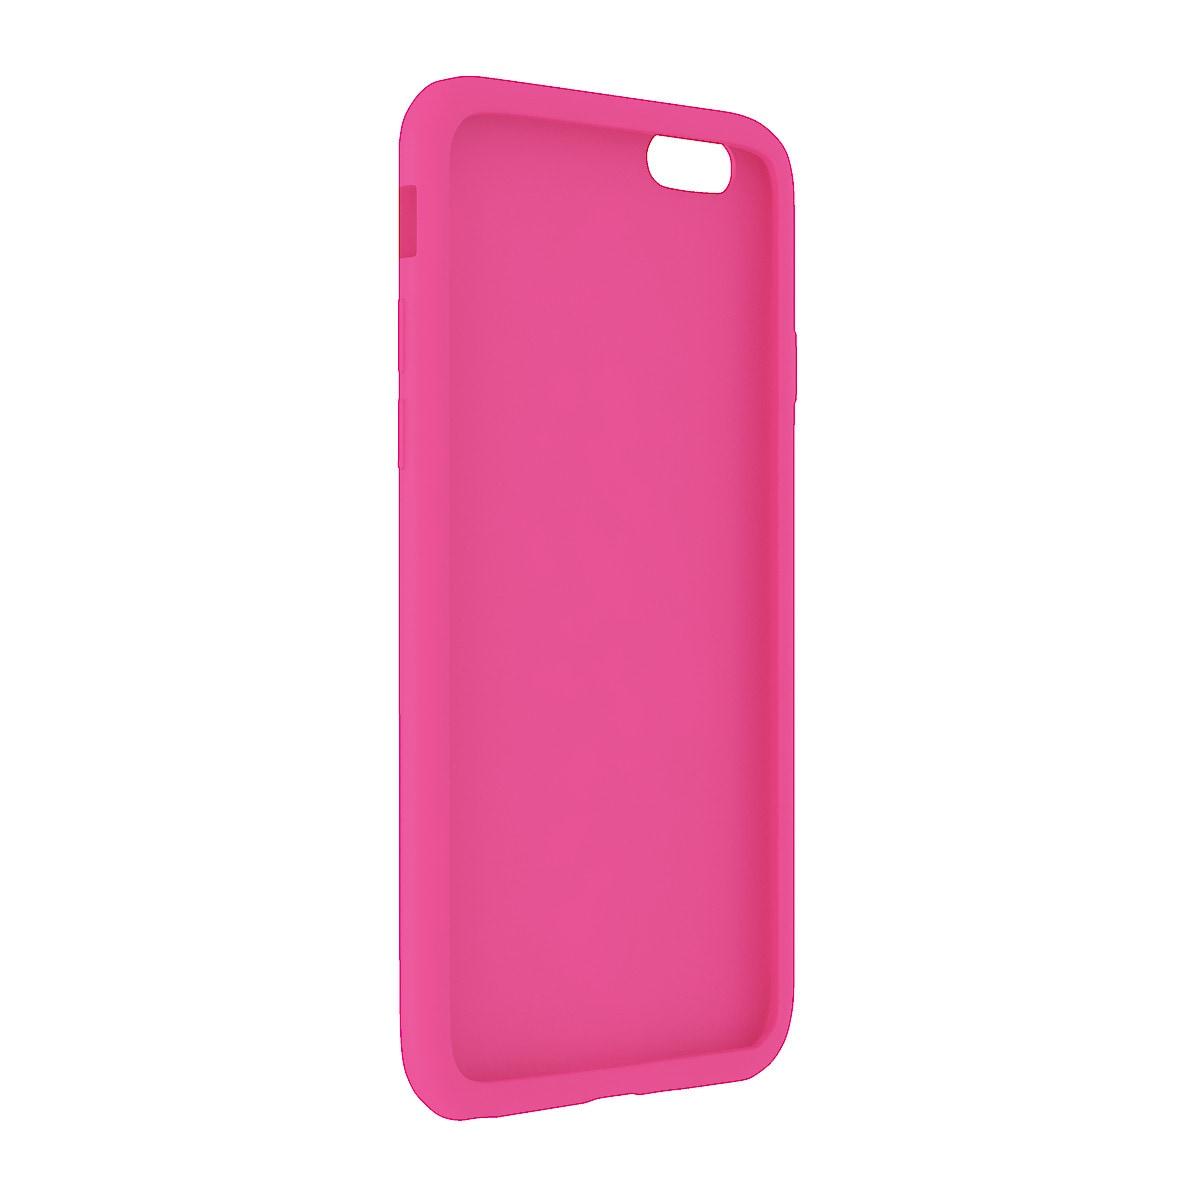 Mobilskal för iPhone 6/6S, Soft Grip